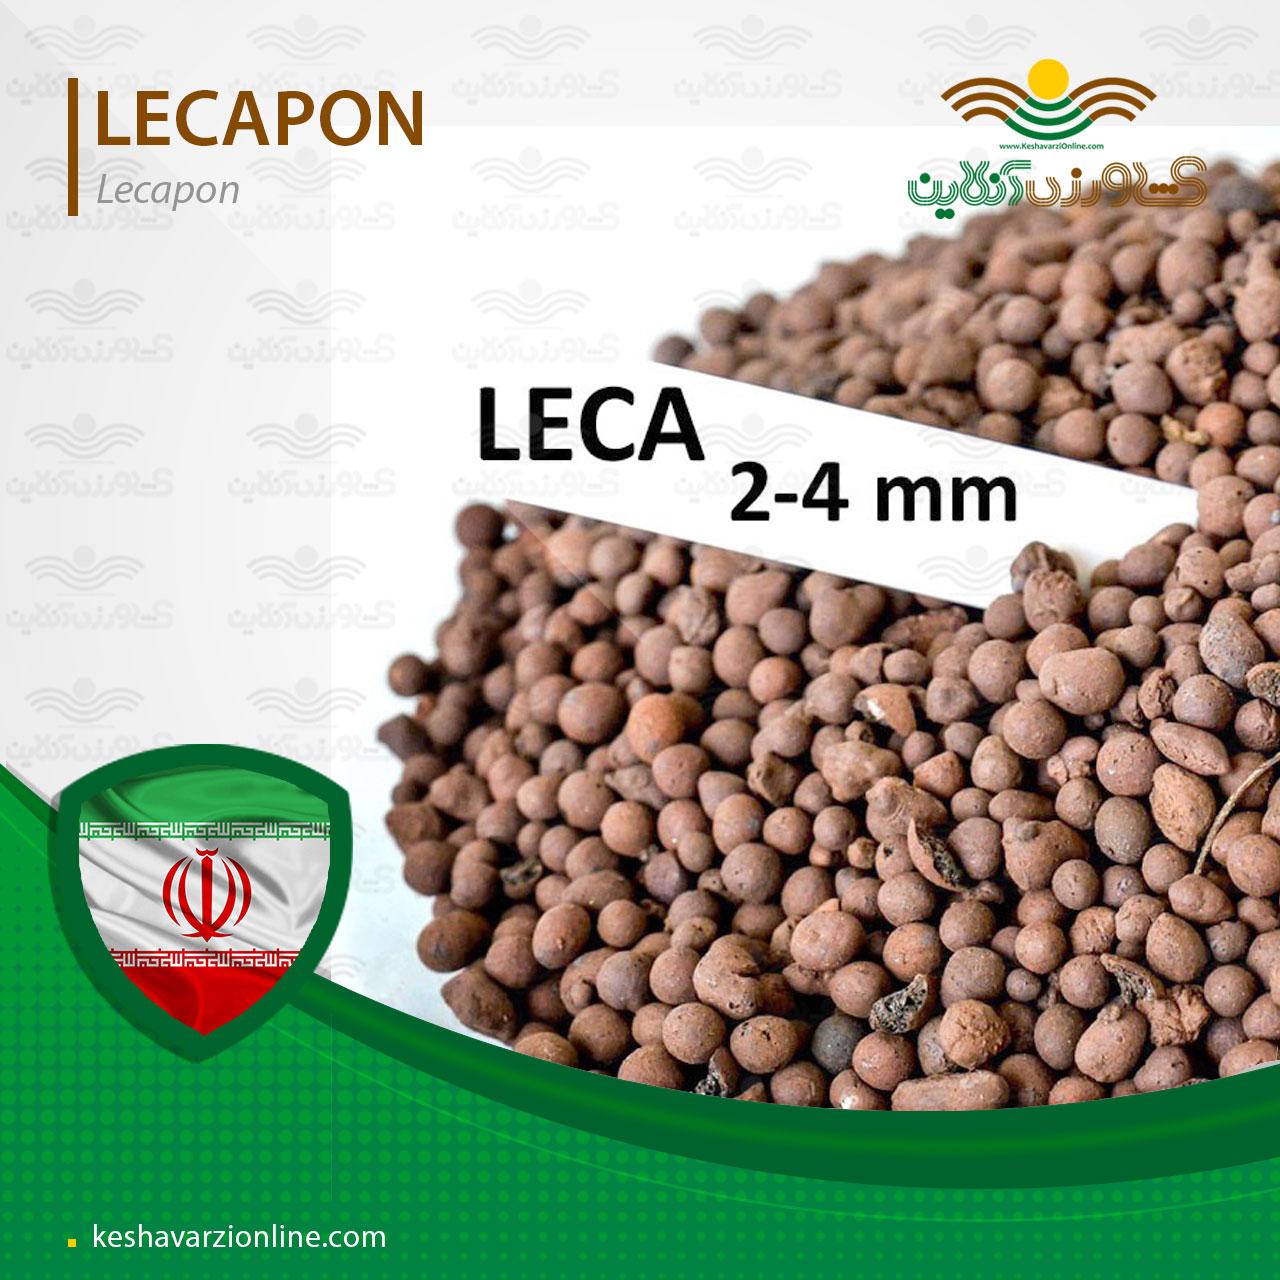 لیکاپون دانه ریز بهترین بستر کشت گیاه